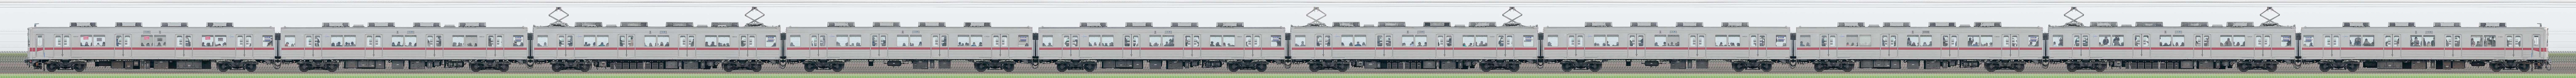 東武10030型11031編成(山側)の編成サイドビュー